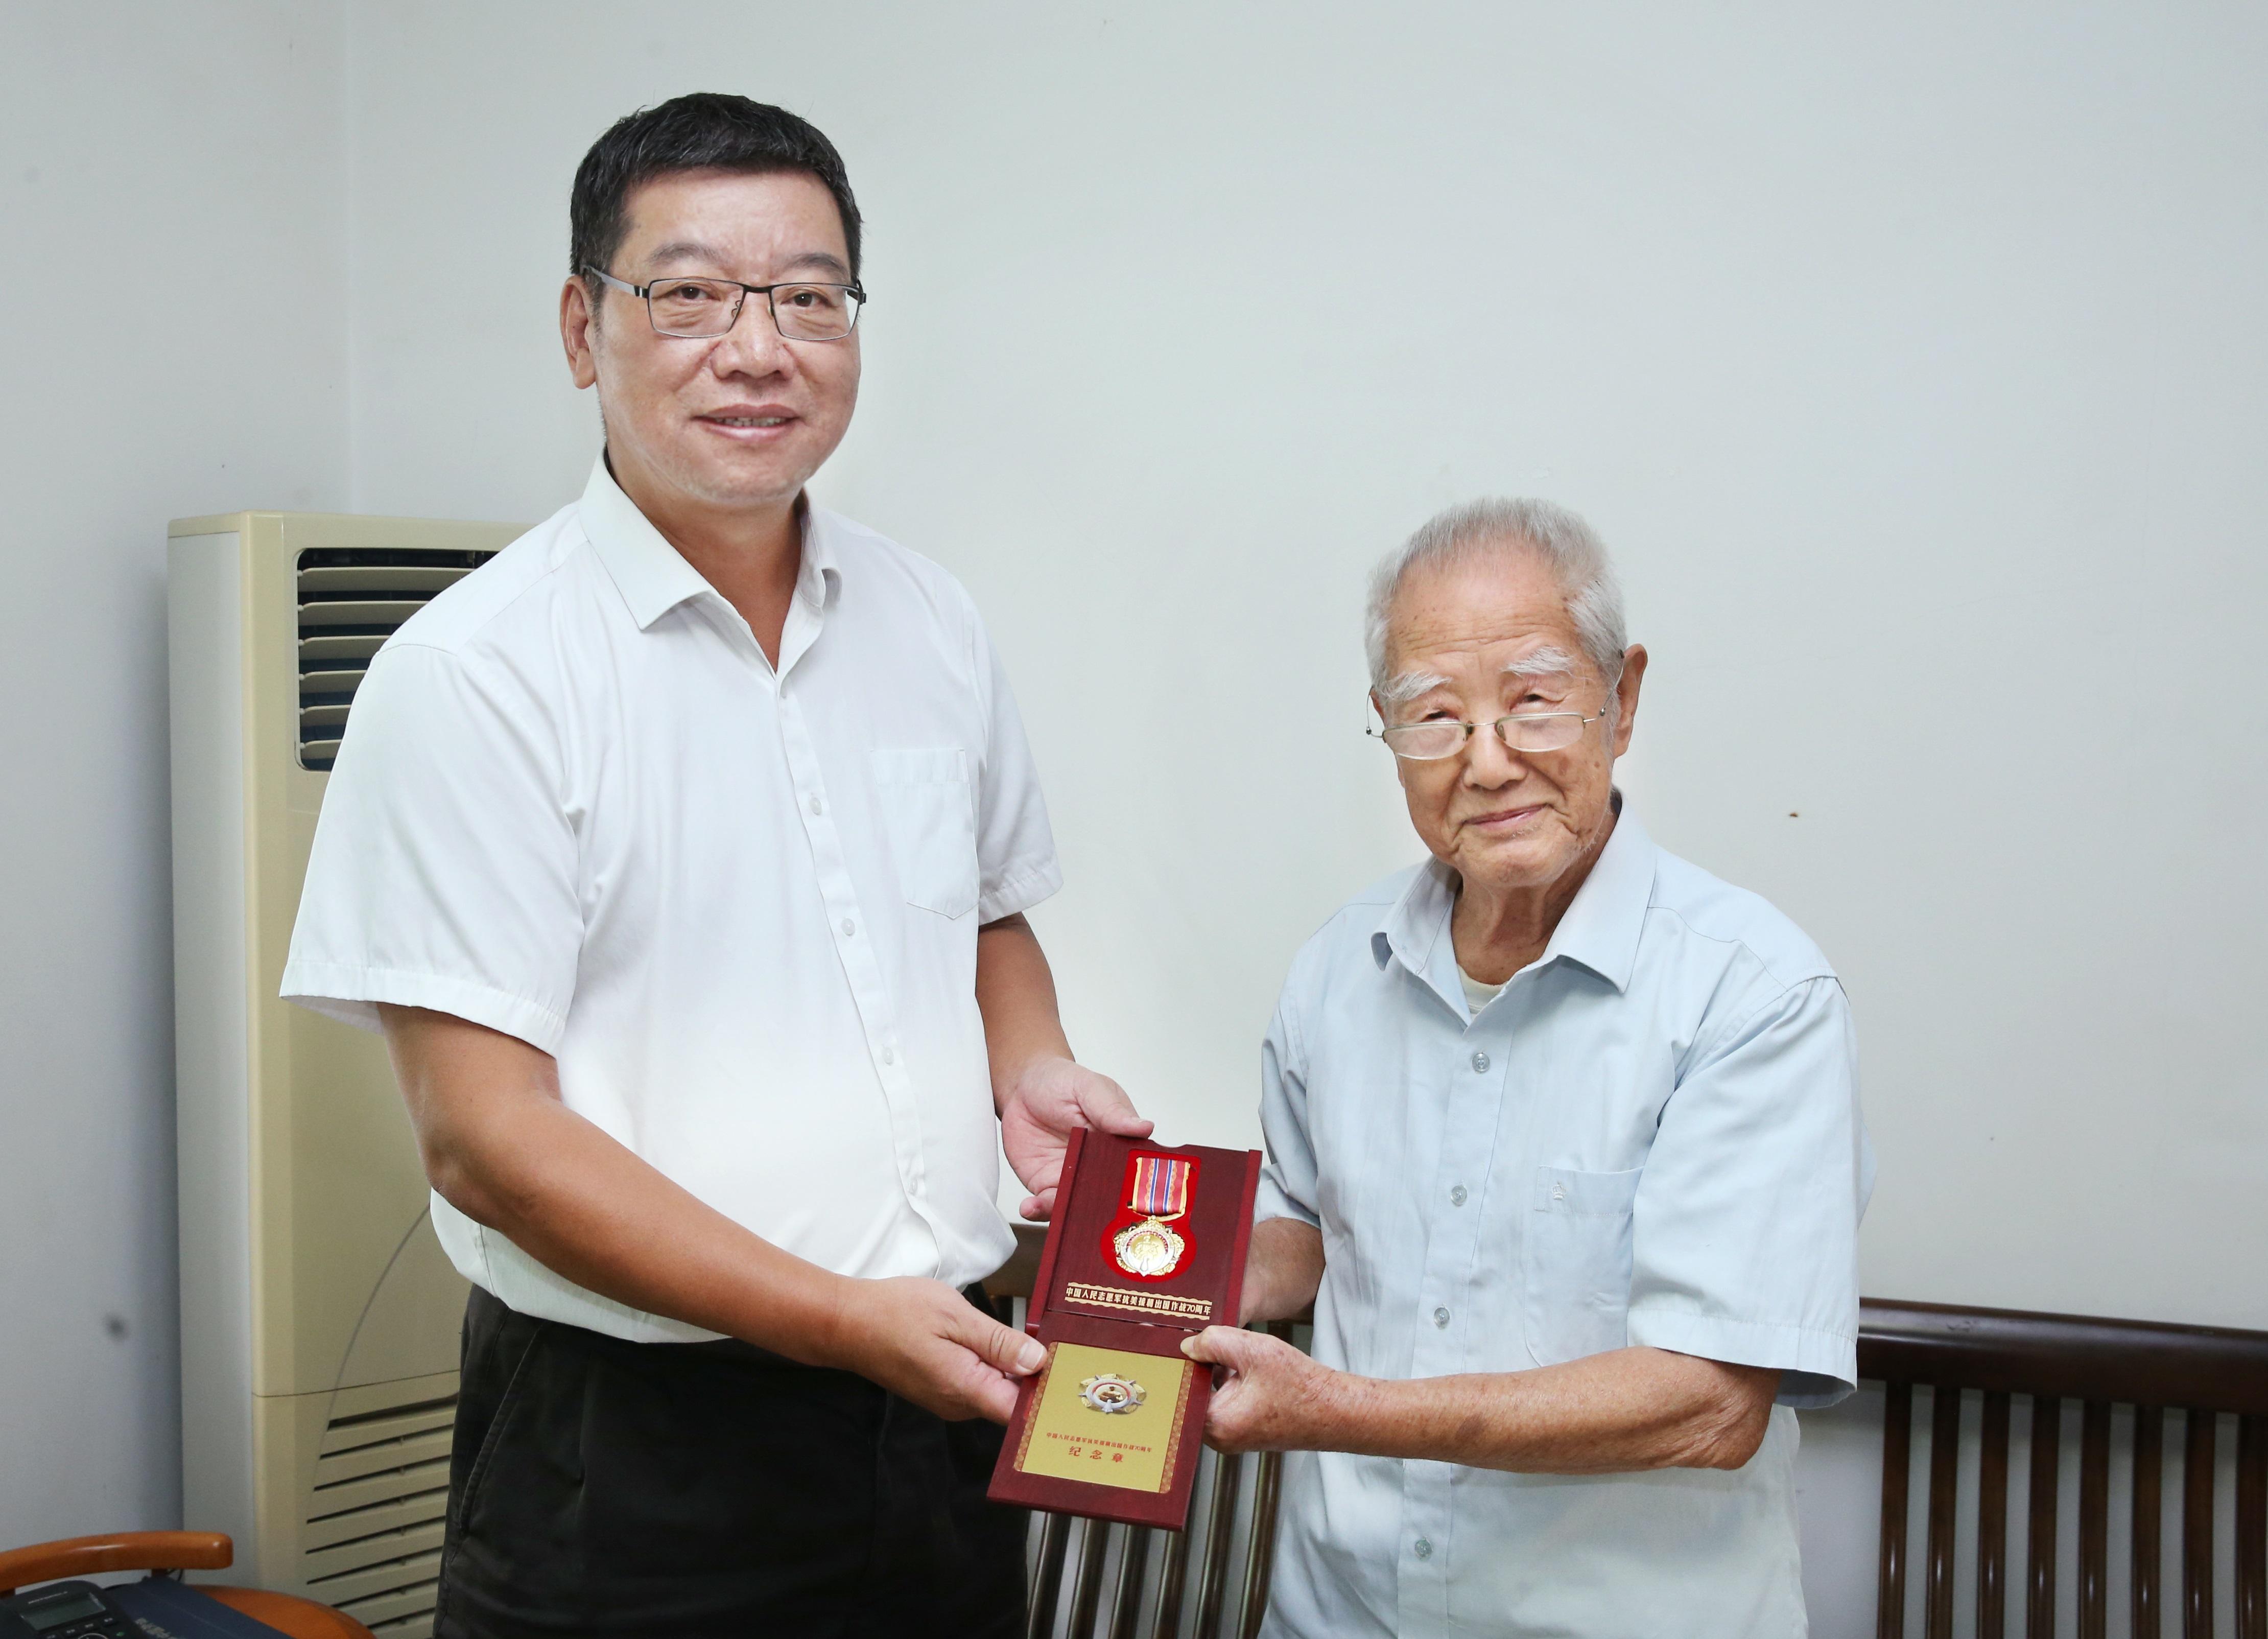 退休干部朱荣衢获颁抗美援朝出国作战70周年纪念章